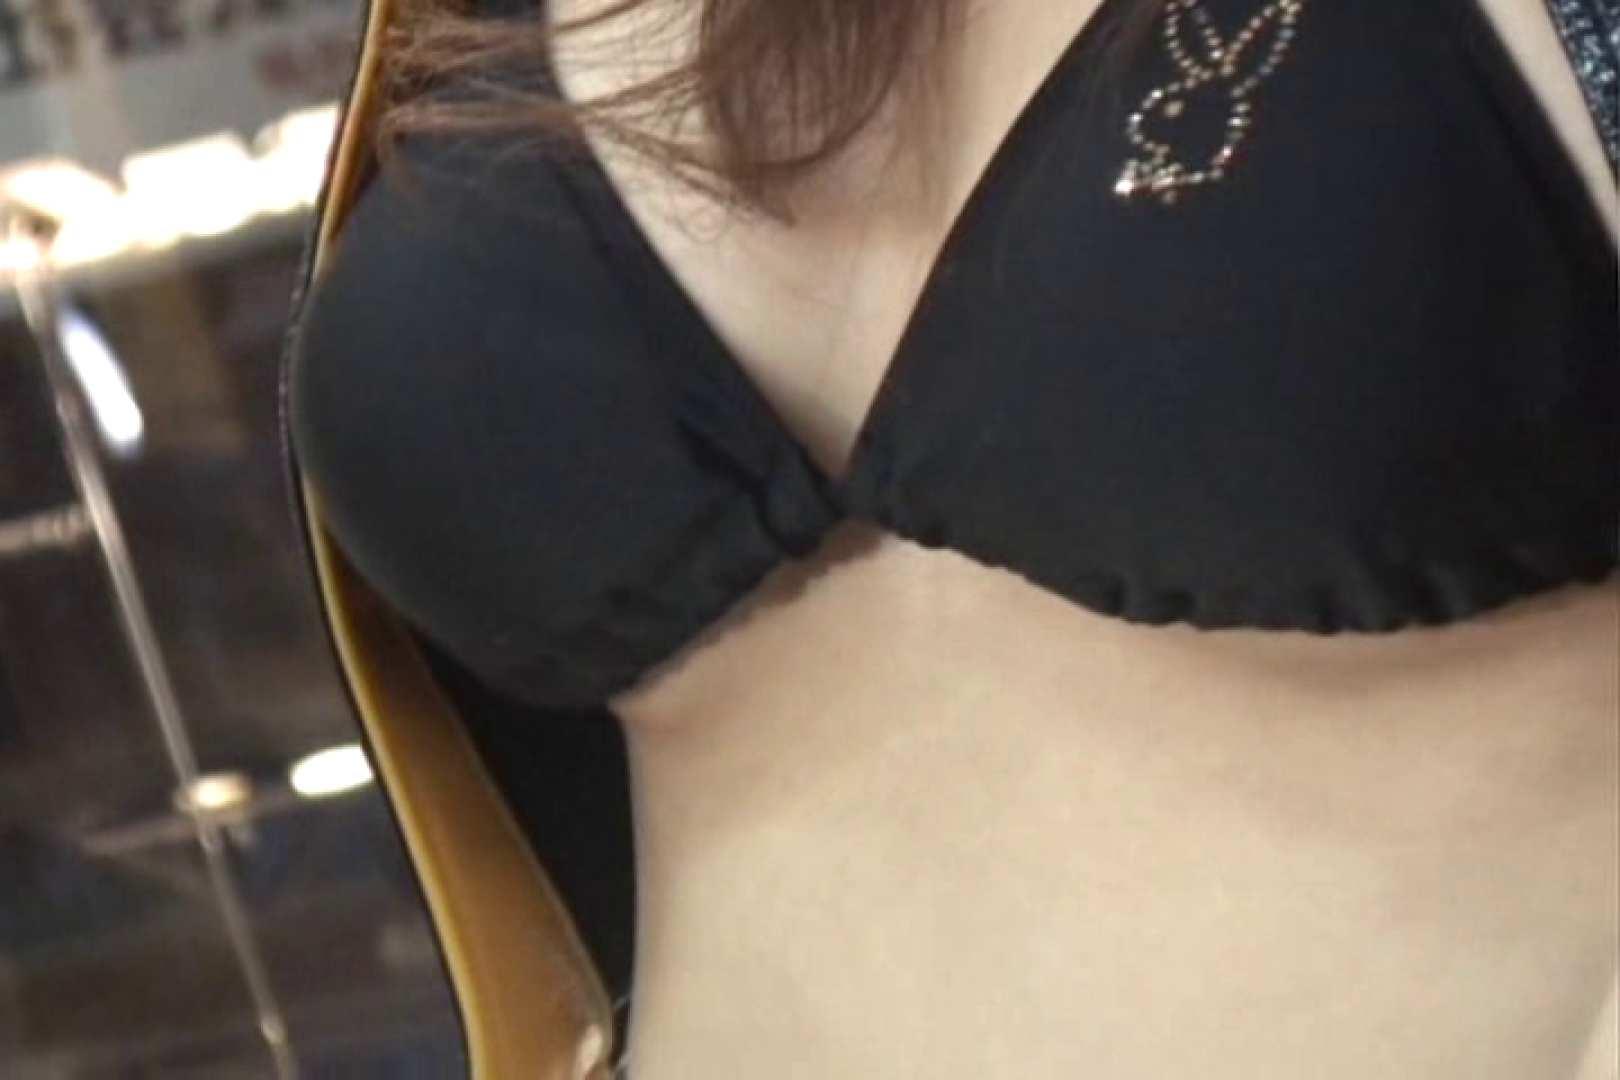 胸チラはもらった~!!胸元争奪戦!!Vol.2 チラ のぞき動画画像 73画像 20